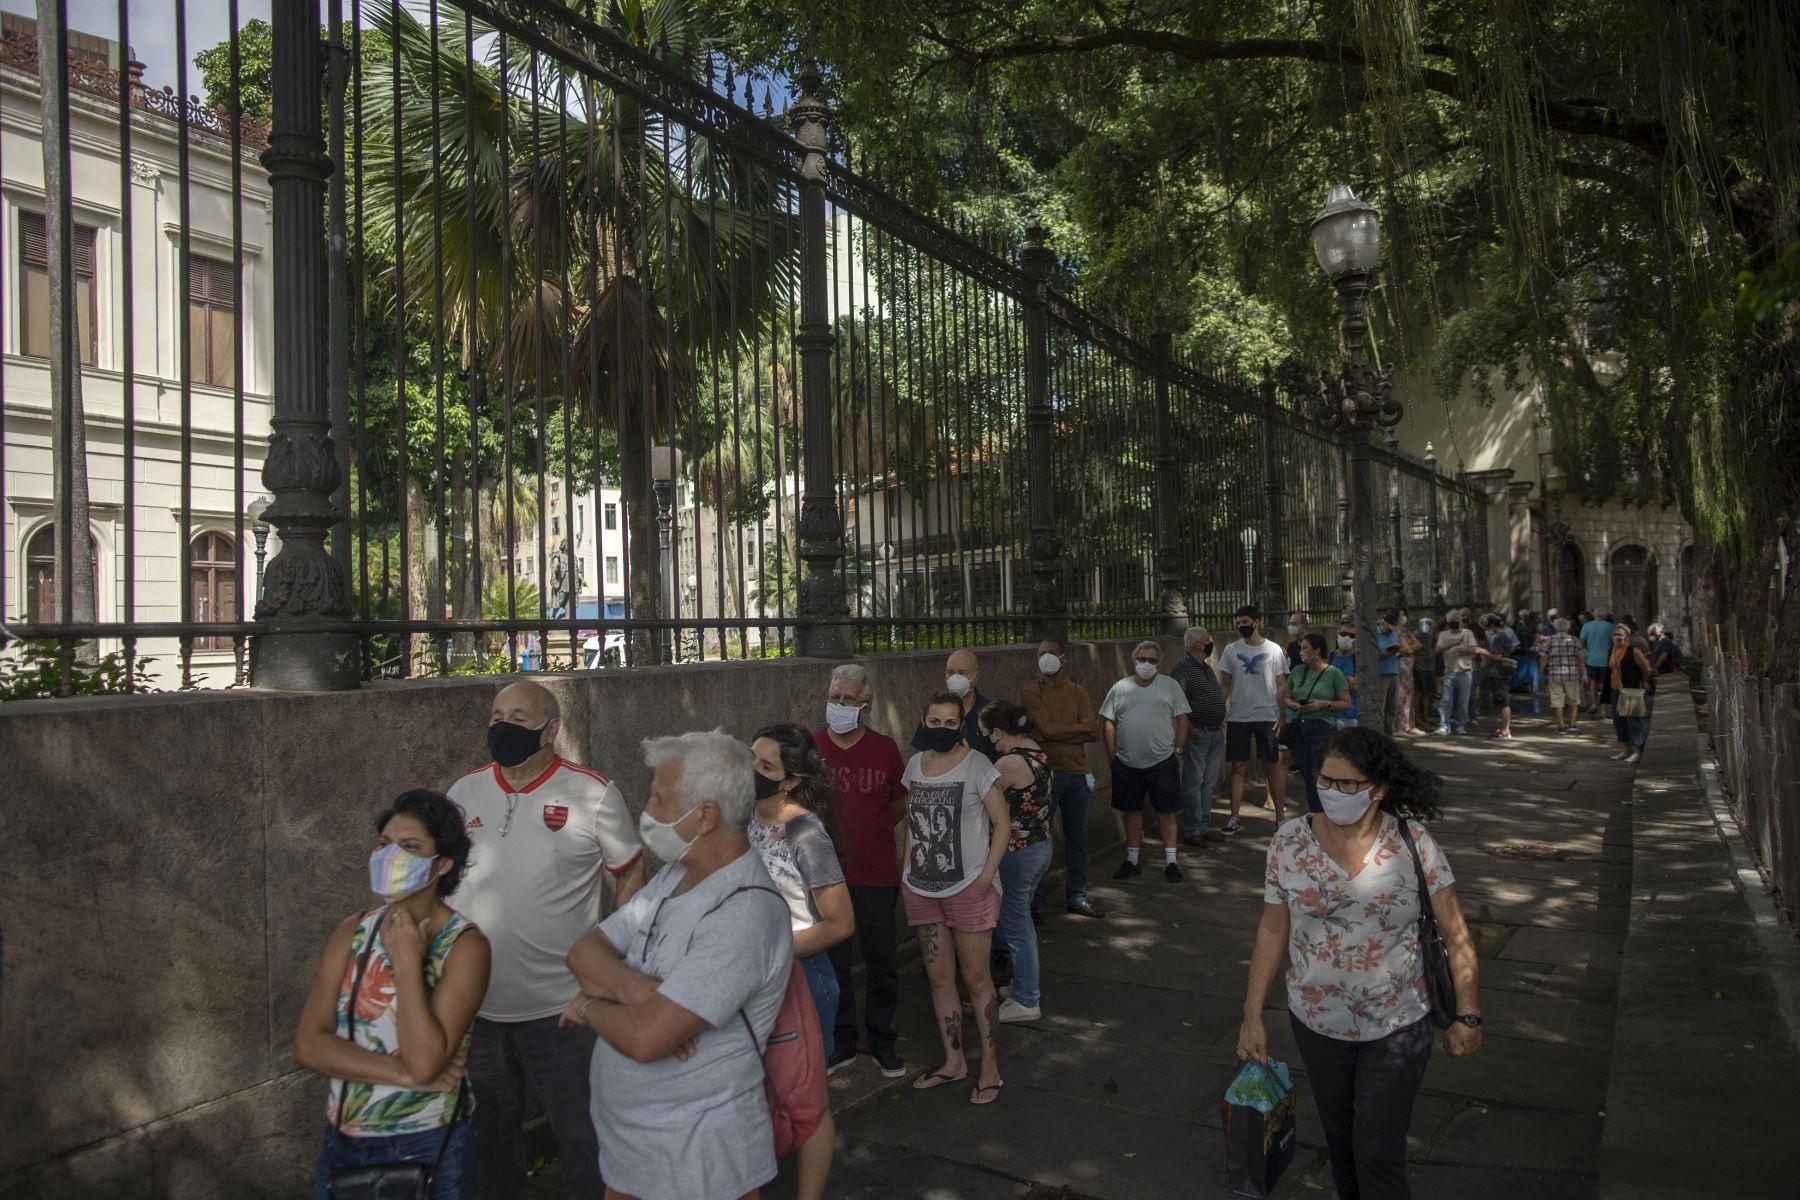 Personas hacen cola para ser inoculadas contra el nuevo coronavirus con la vacuna Sinovac CoronaVac de China producida por Butantan, el mayor productor de vacunas de Brasil, en Río de Janeiro, el 31 de marzo del 2021. Foto: AFP